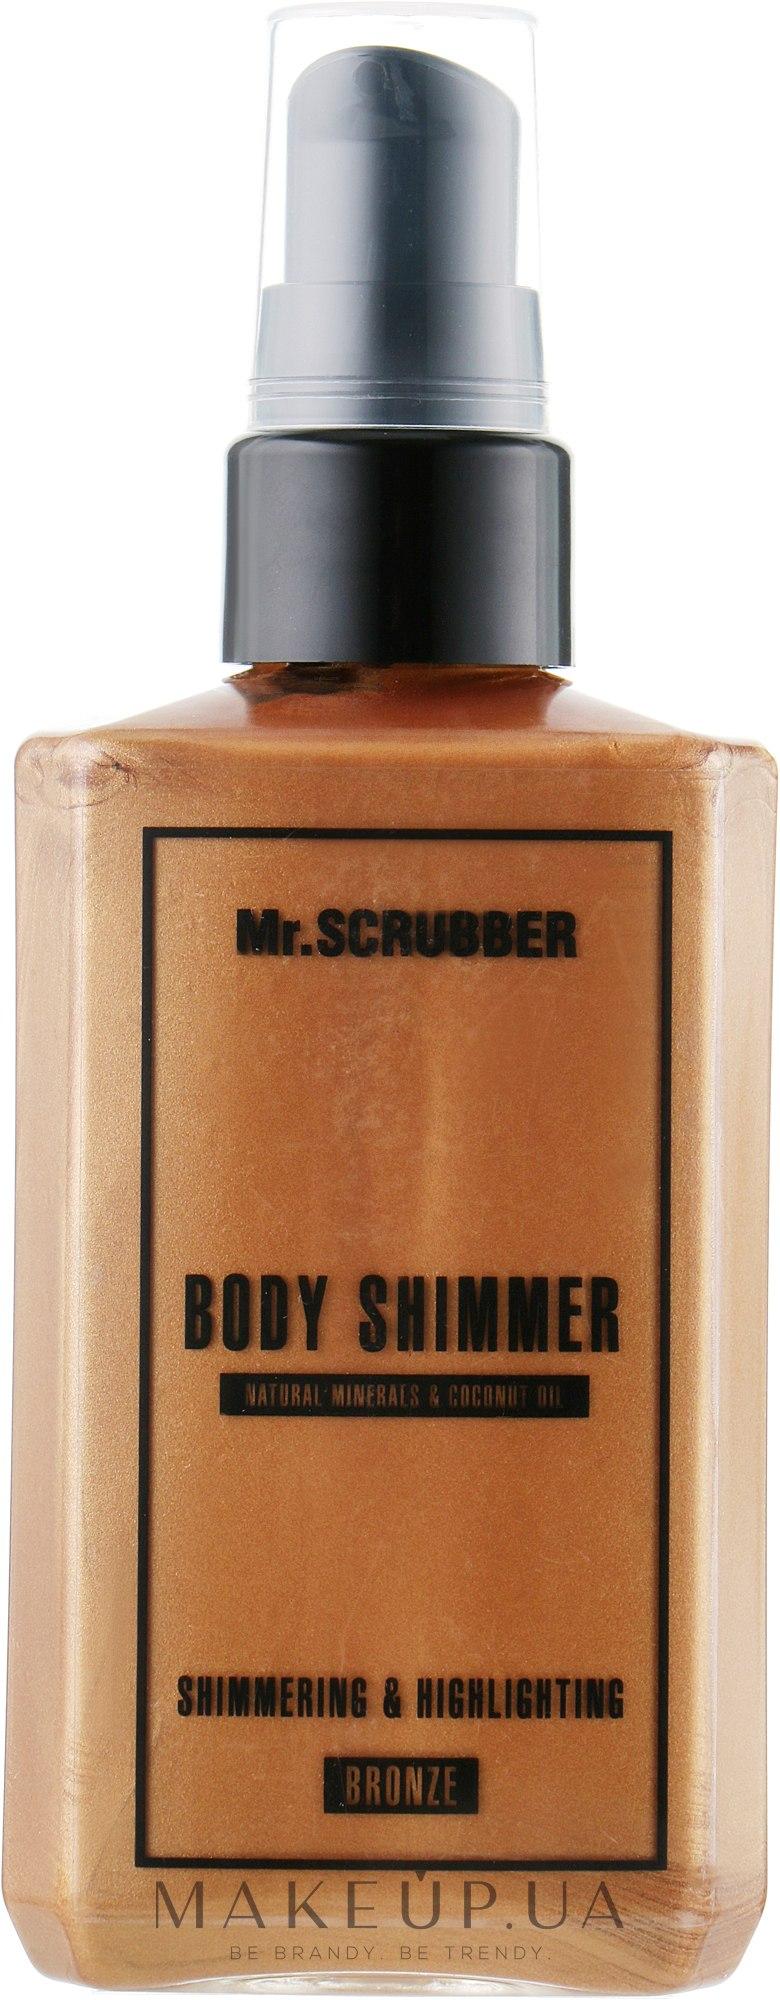 Шиммер для тела (Mr.Scrubber Body Shimmer Bronze)